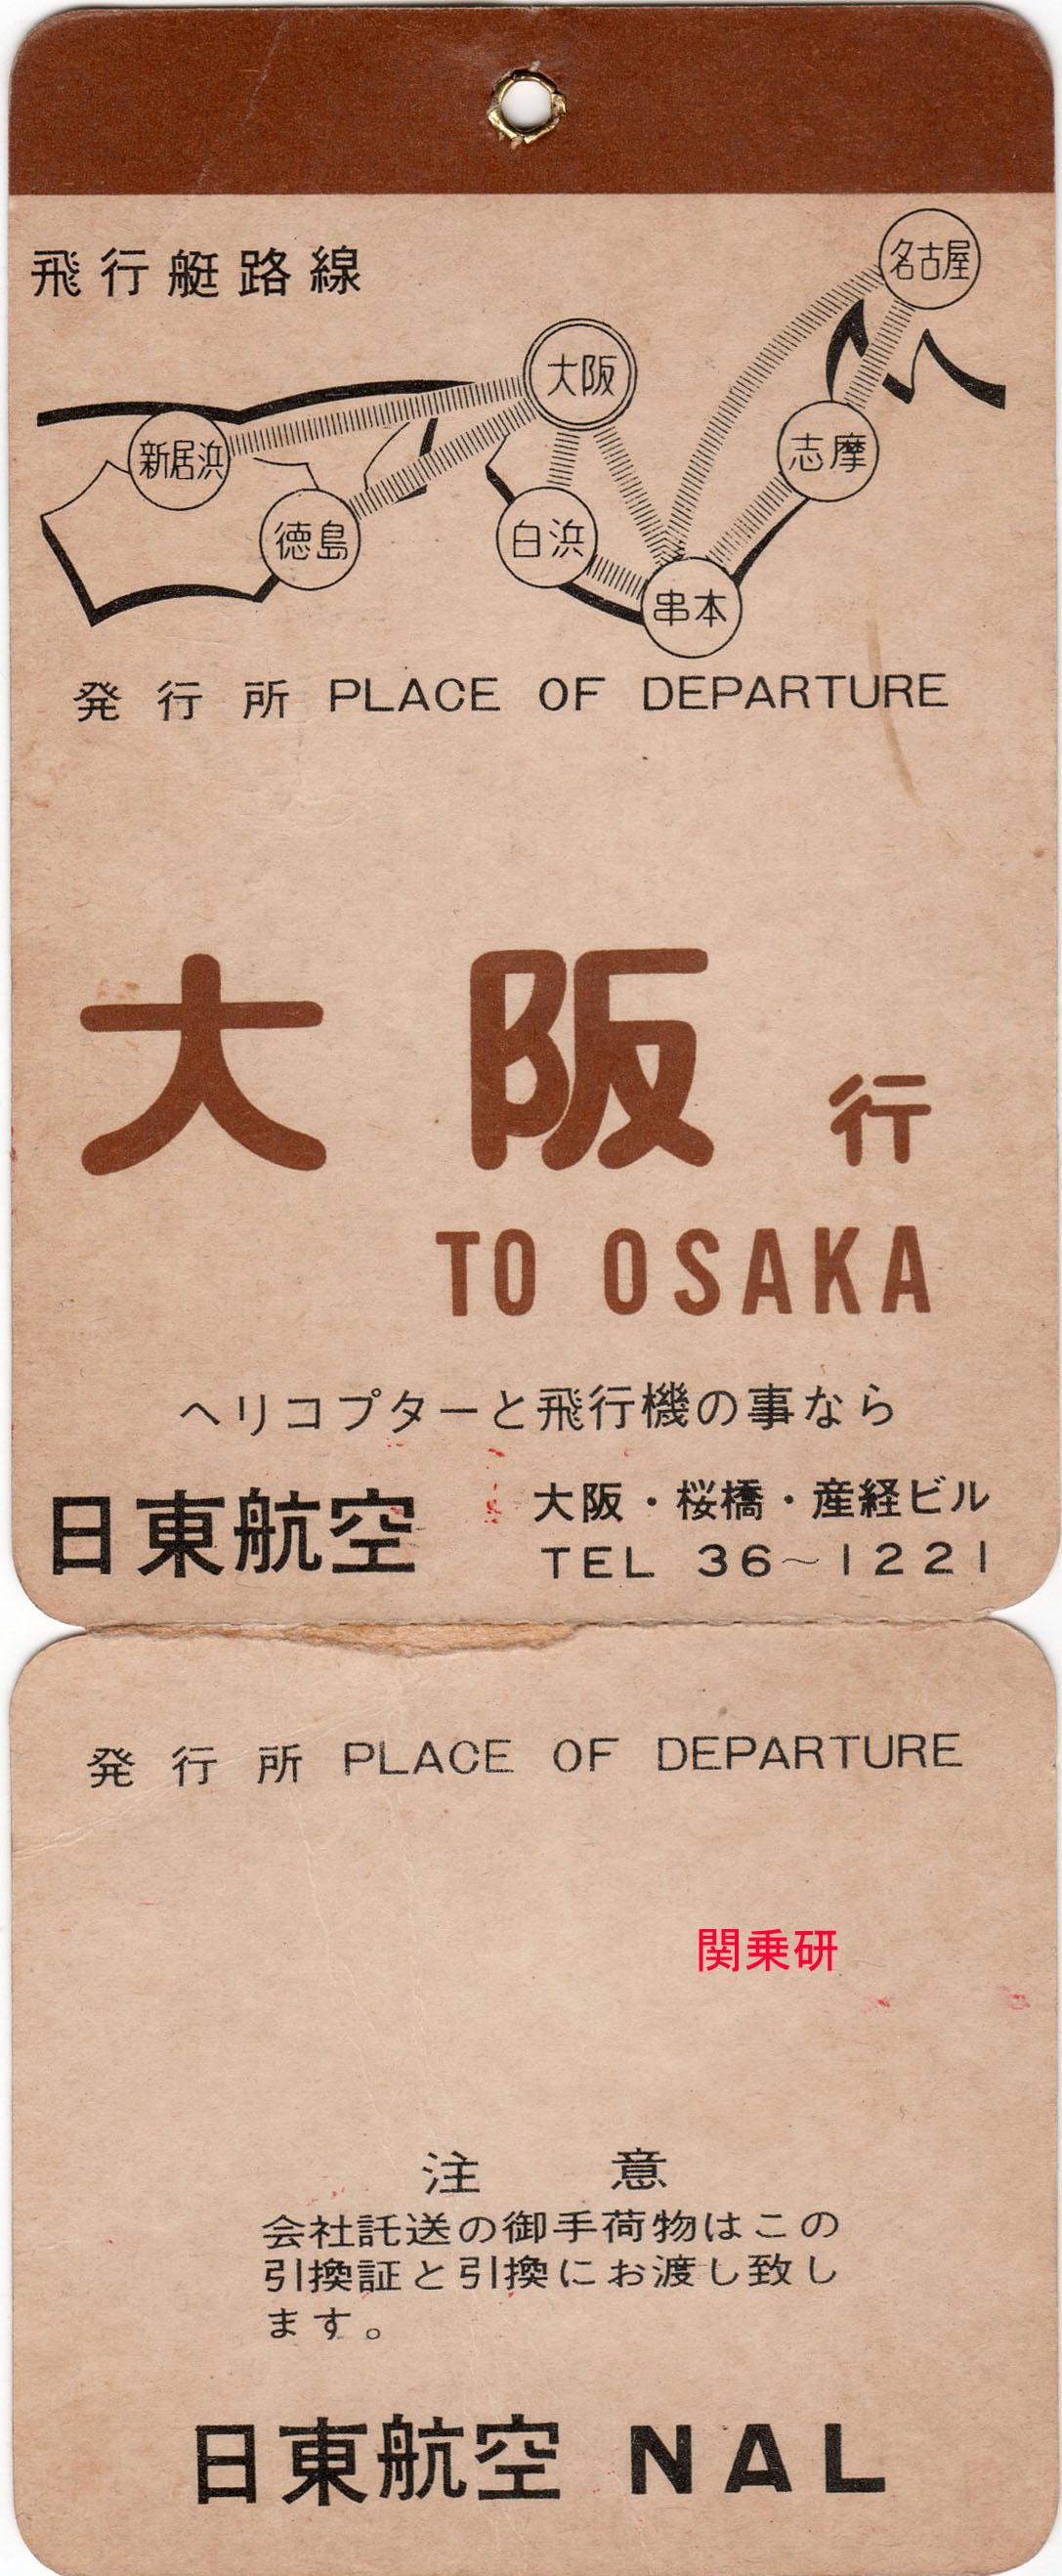 関西乗車券研究会[関乗研] : 054 日東航空 定期乗合飛行艇・ヘリコプター